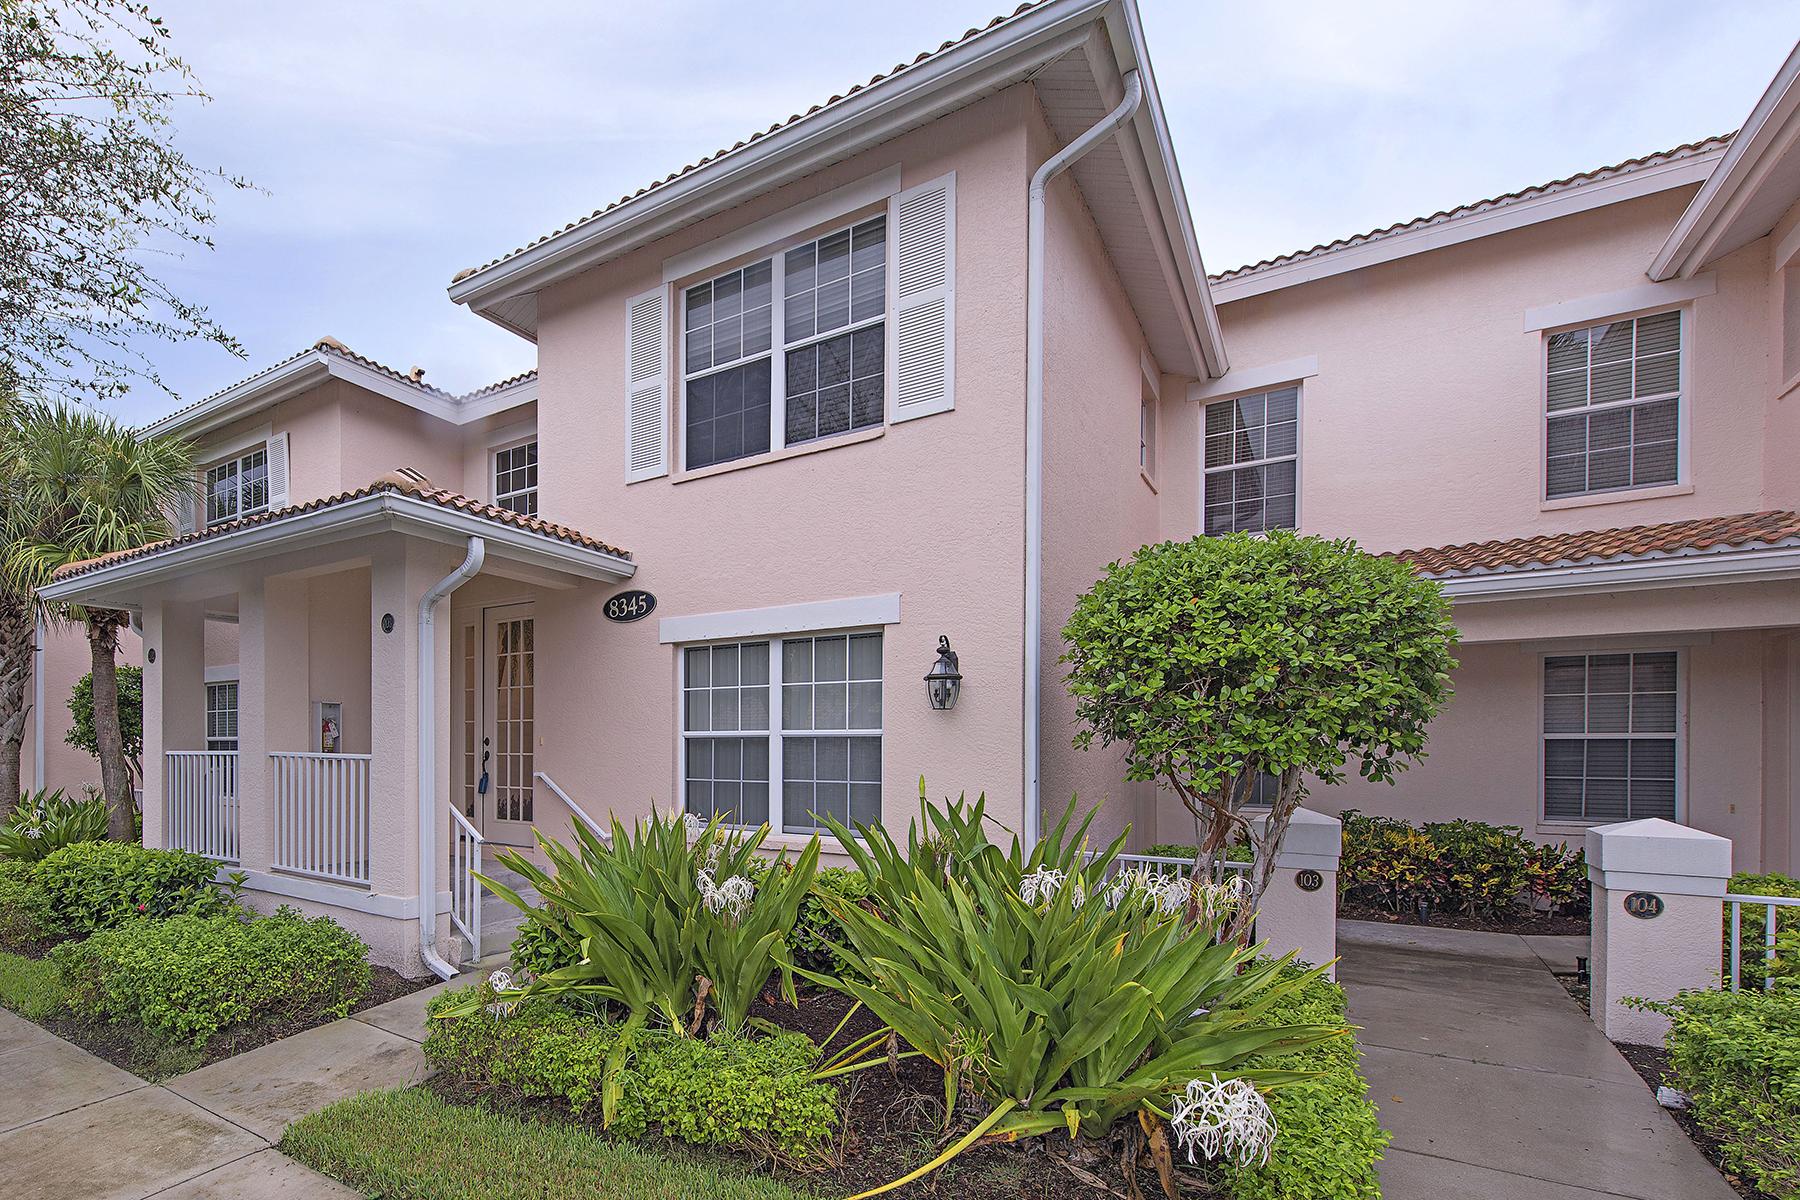 Eigentumswohnung für Verkauf beim FIDDLERS CREEK 8345 Whisper Trace Way 203 Naples, Florida, 34114 Vereinigte Staaten